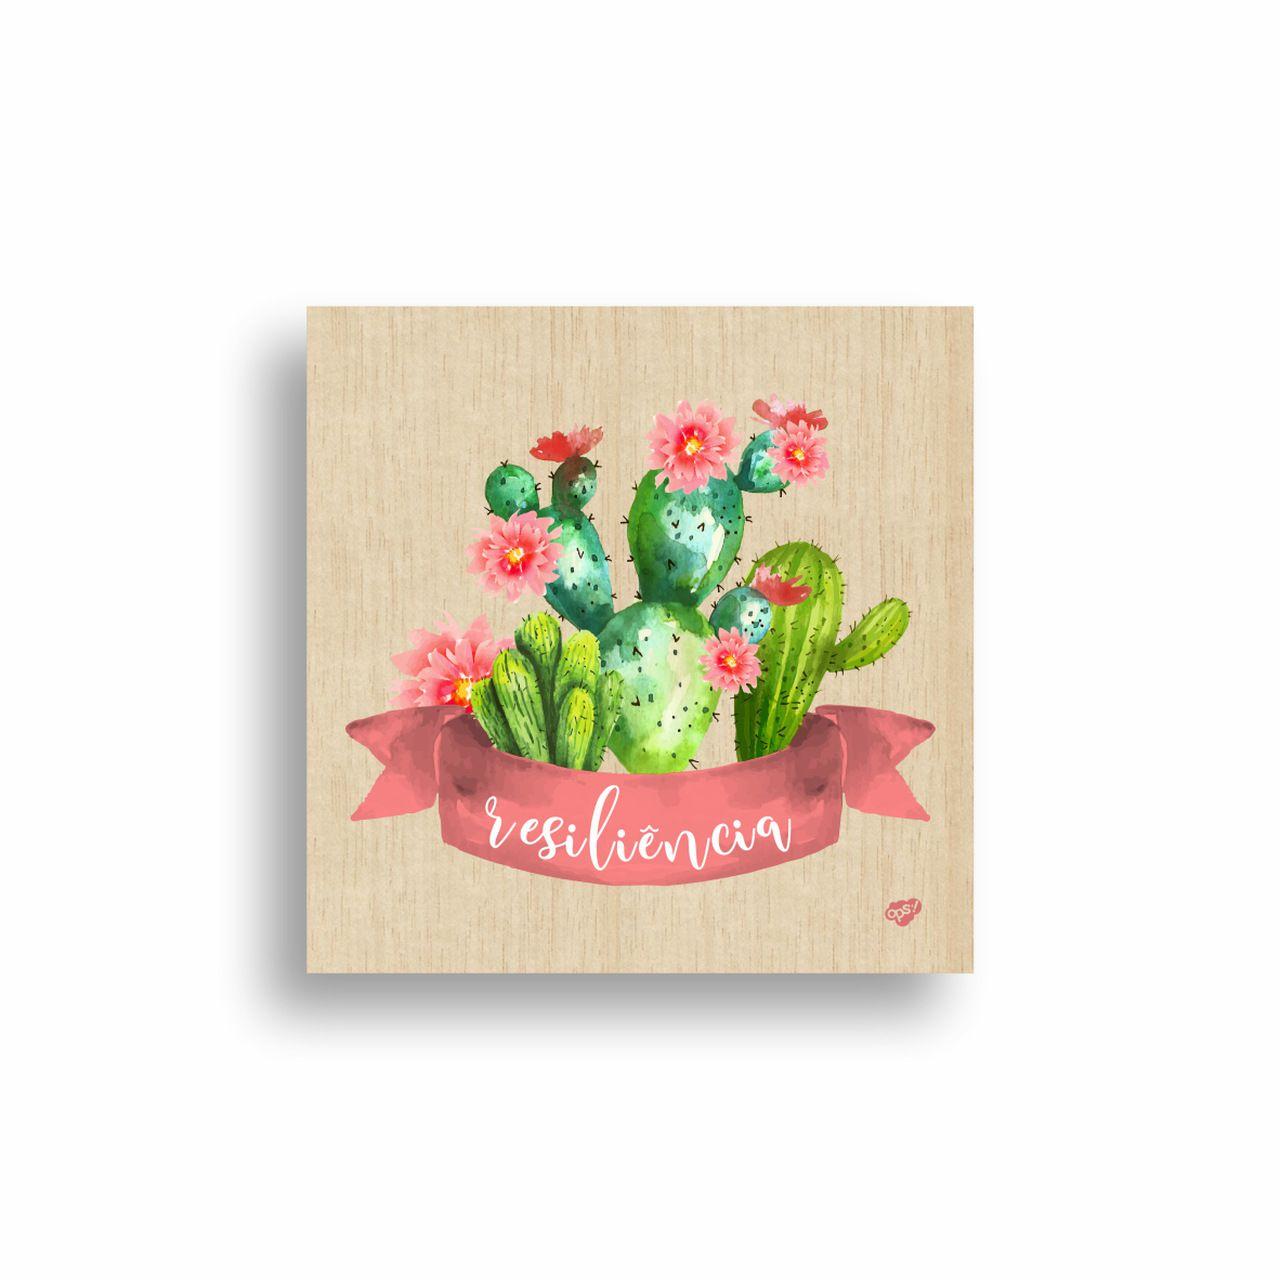 Quadro Decorativo Floral Resiliência 20x20 cm